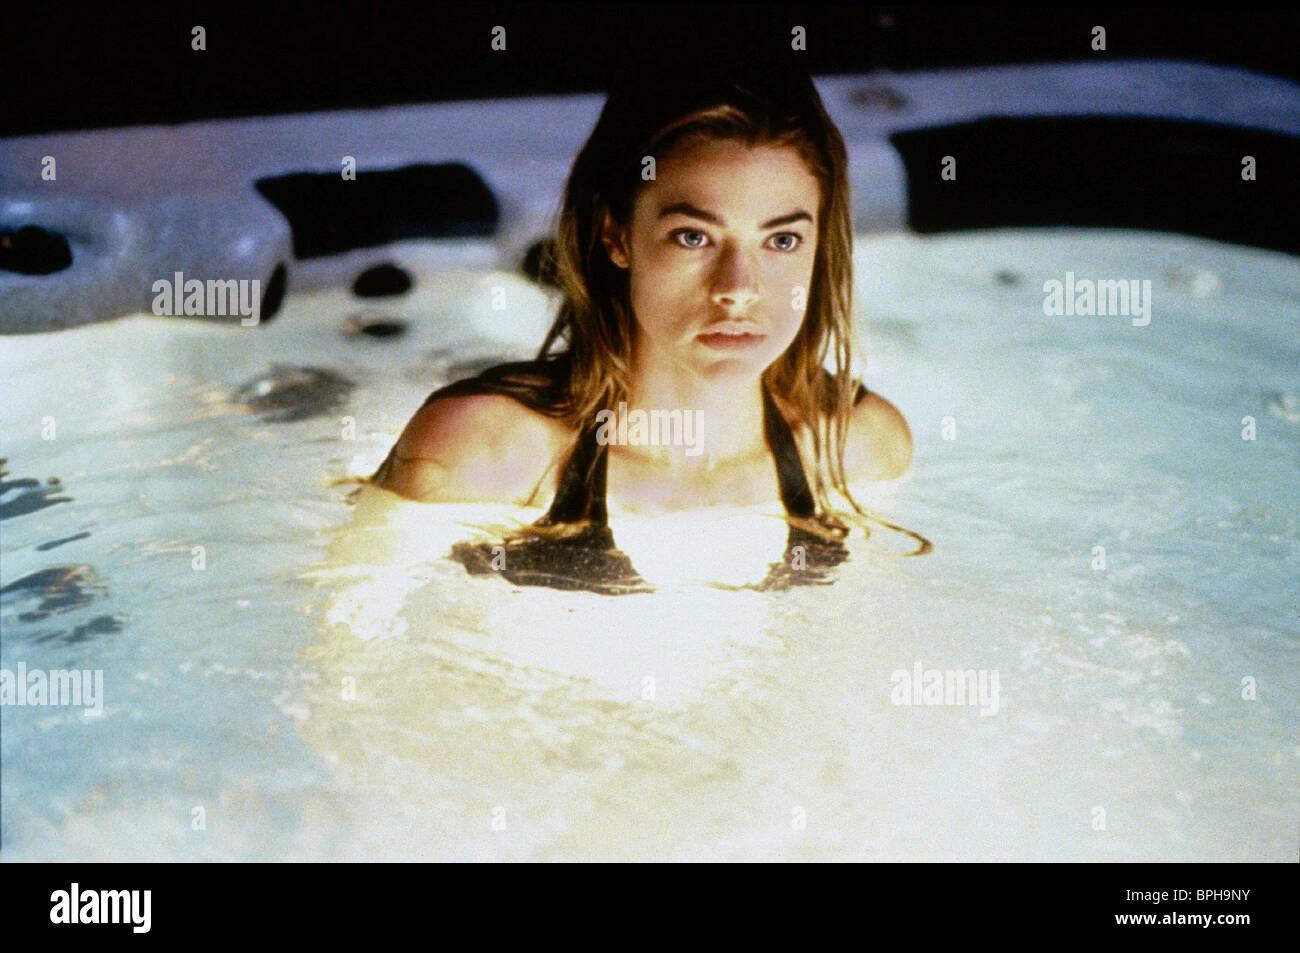 DENISE RICHARDS VALENTINE (2001) - Stock Image